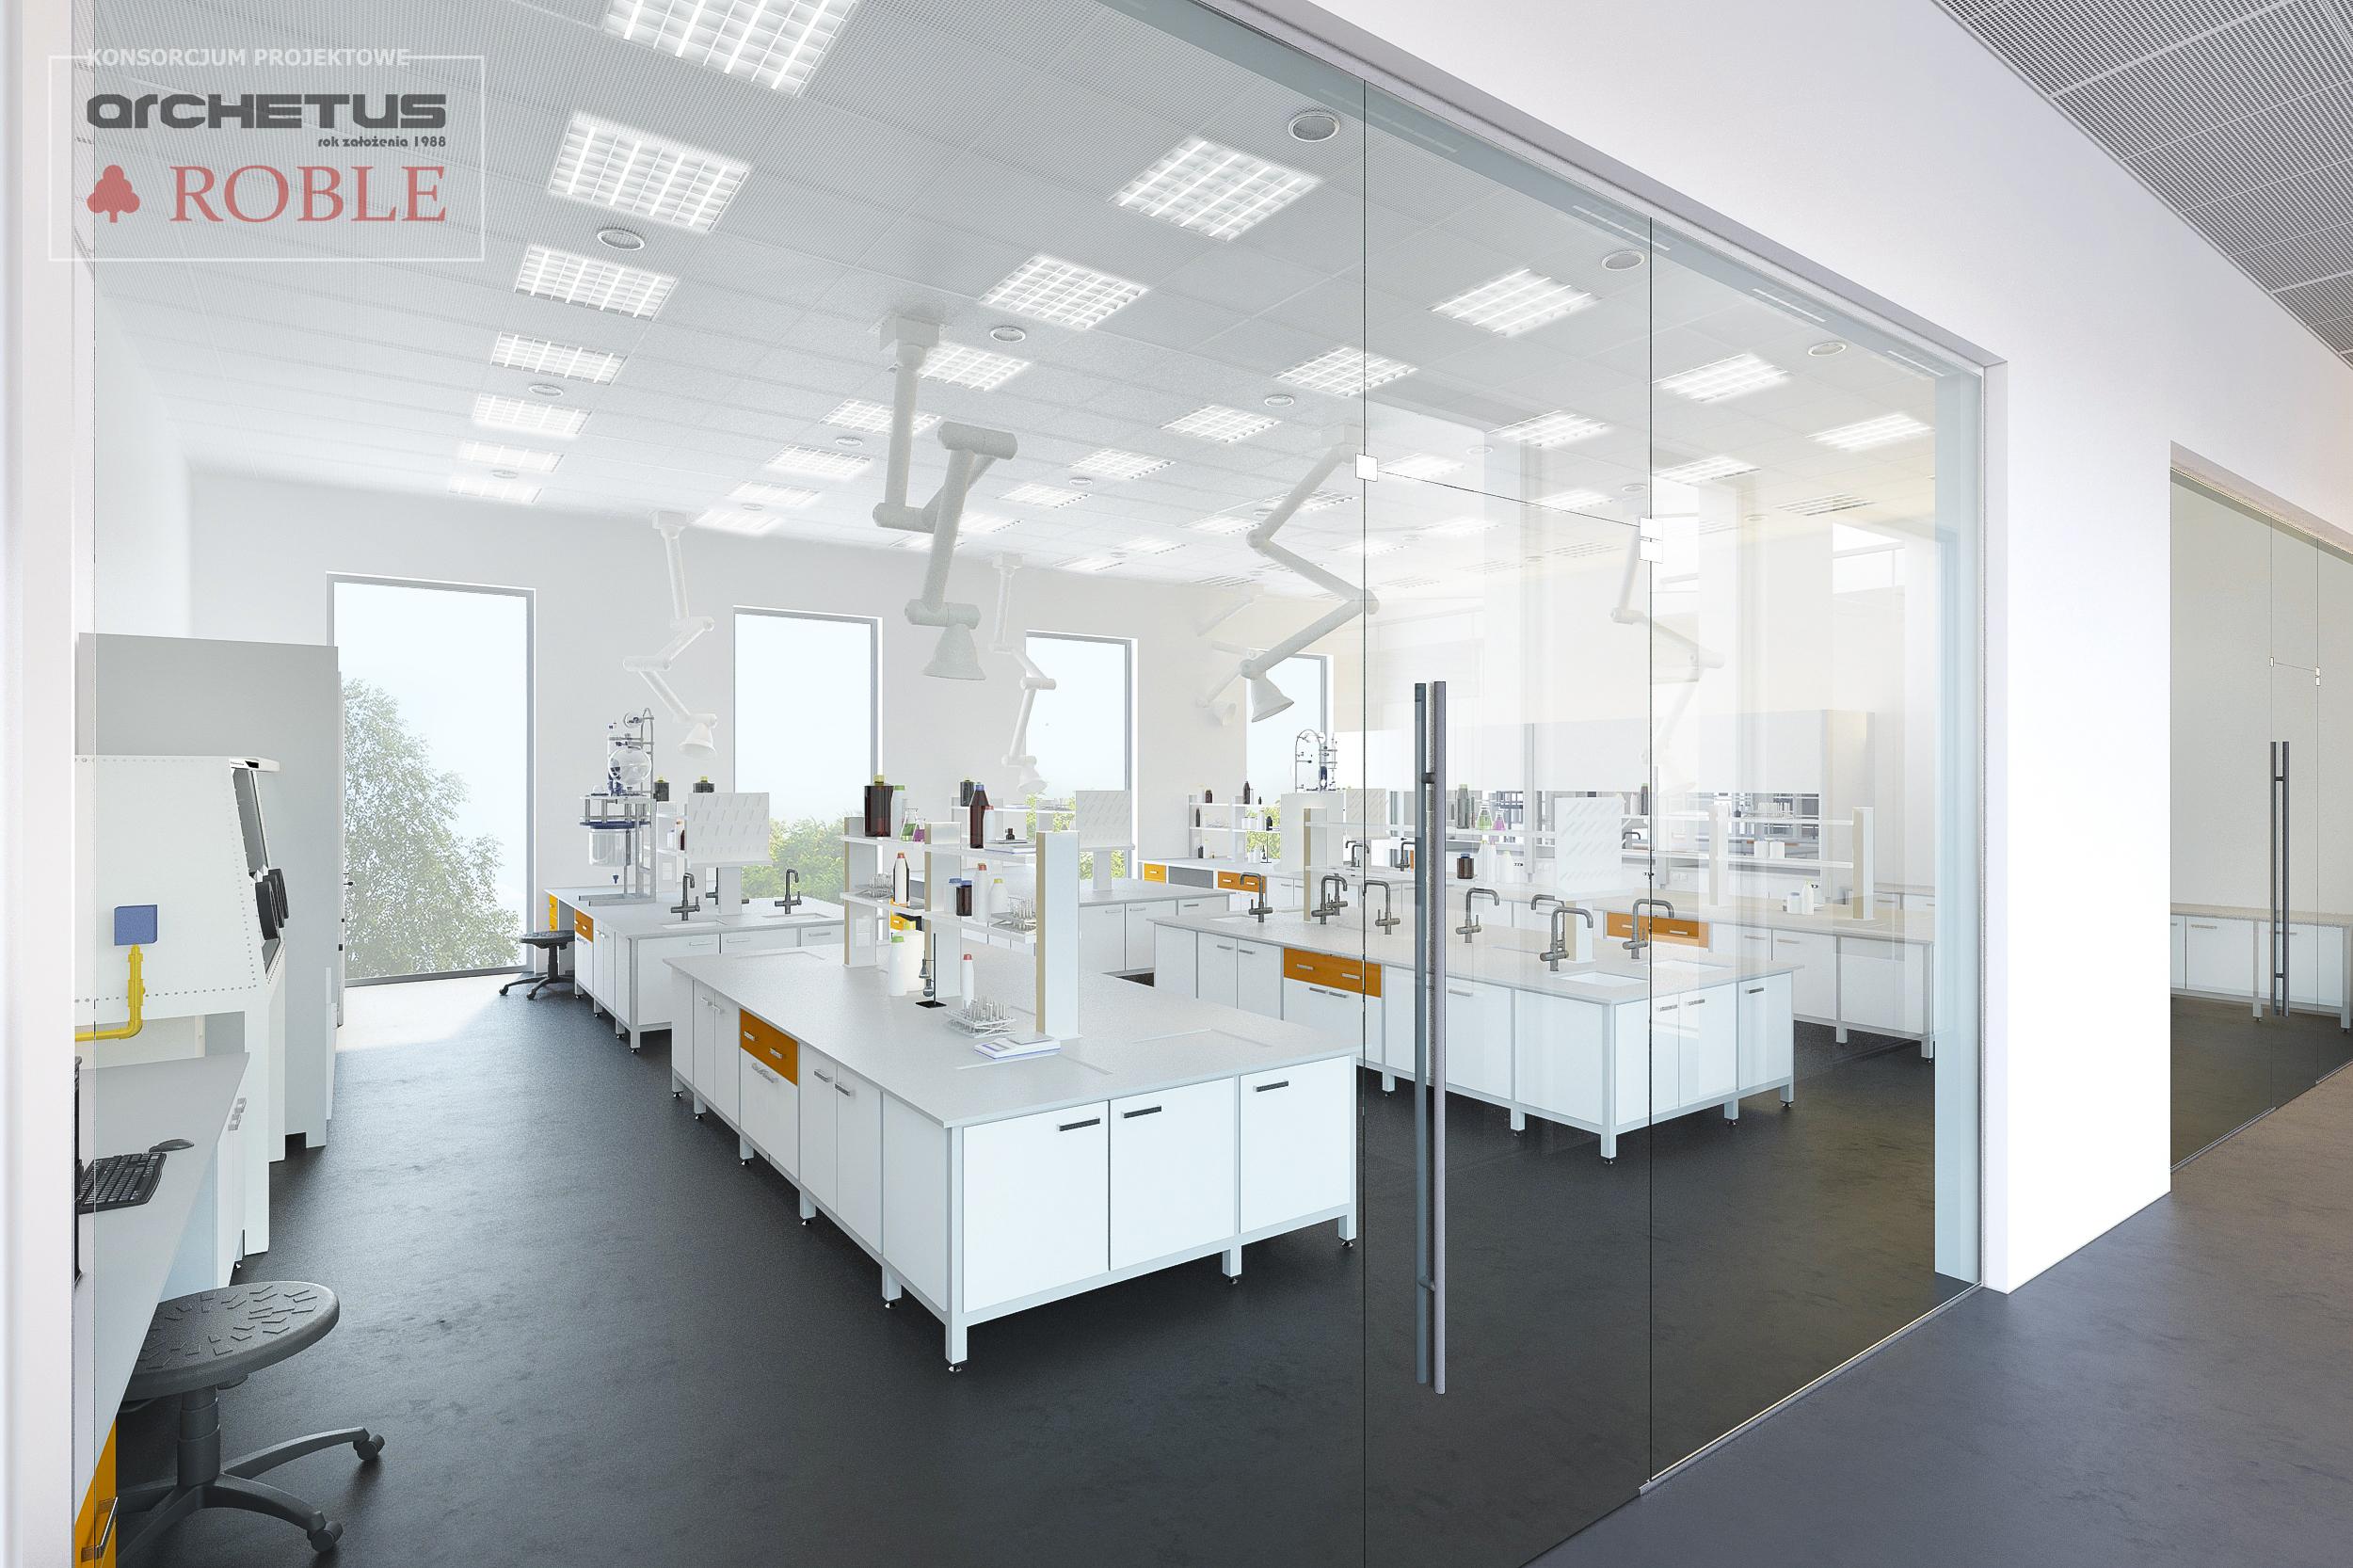 Wizualizacja wnętrza laboratorium. Fot. mat. pras.